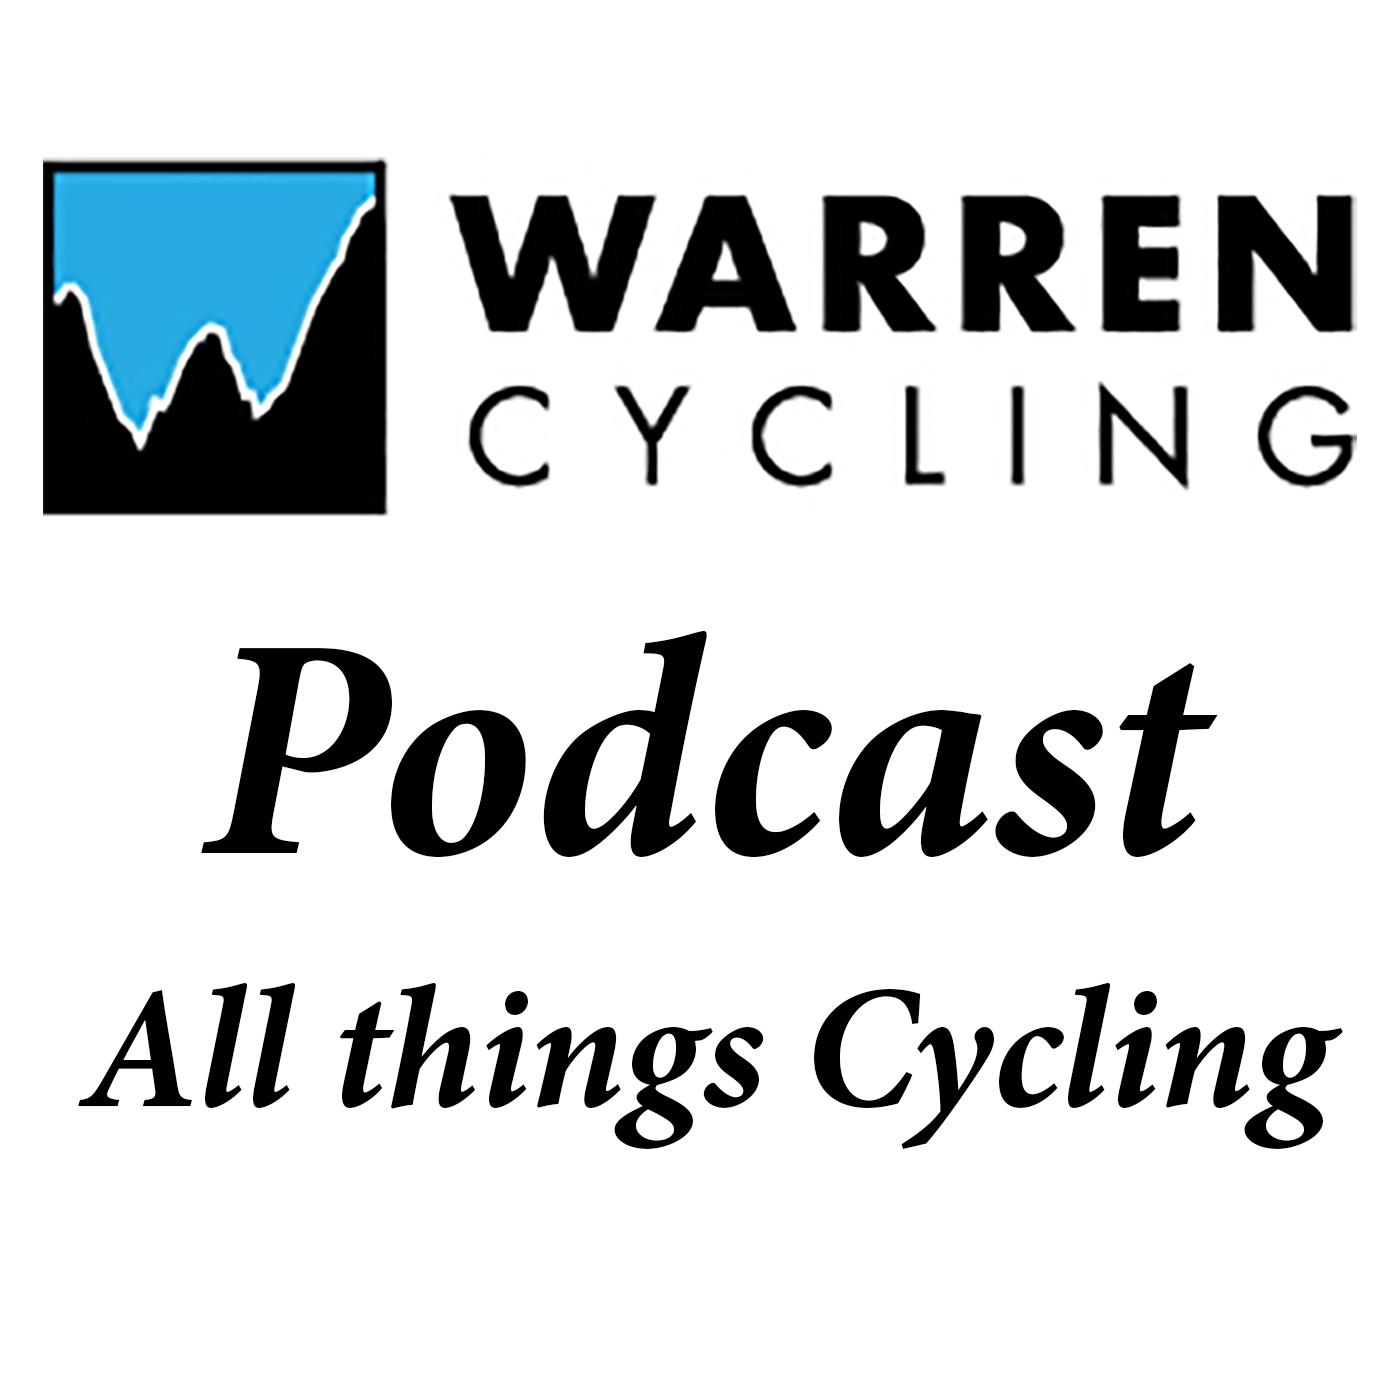 Warren Cycling Podcast Episode 261: Vuelta a España & Winning Americans show art